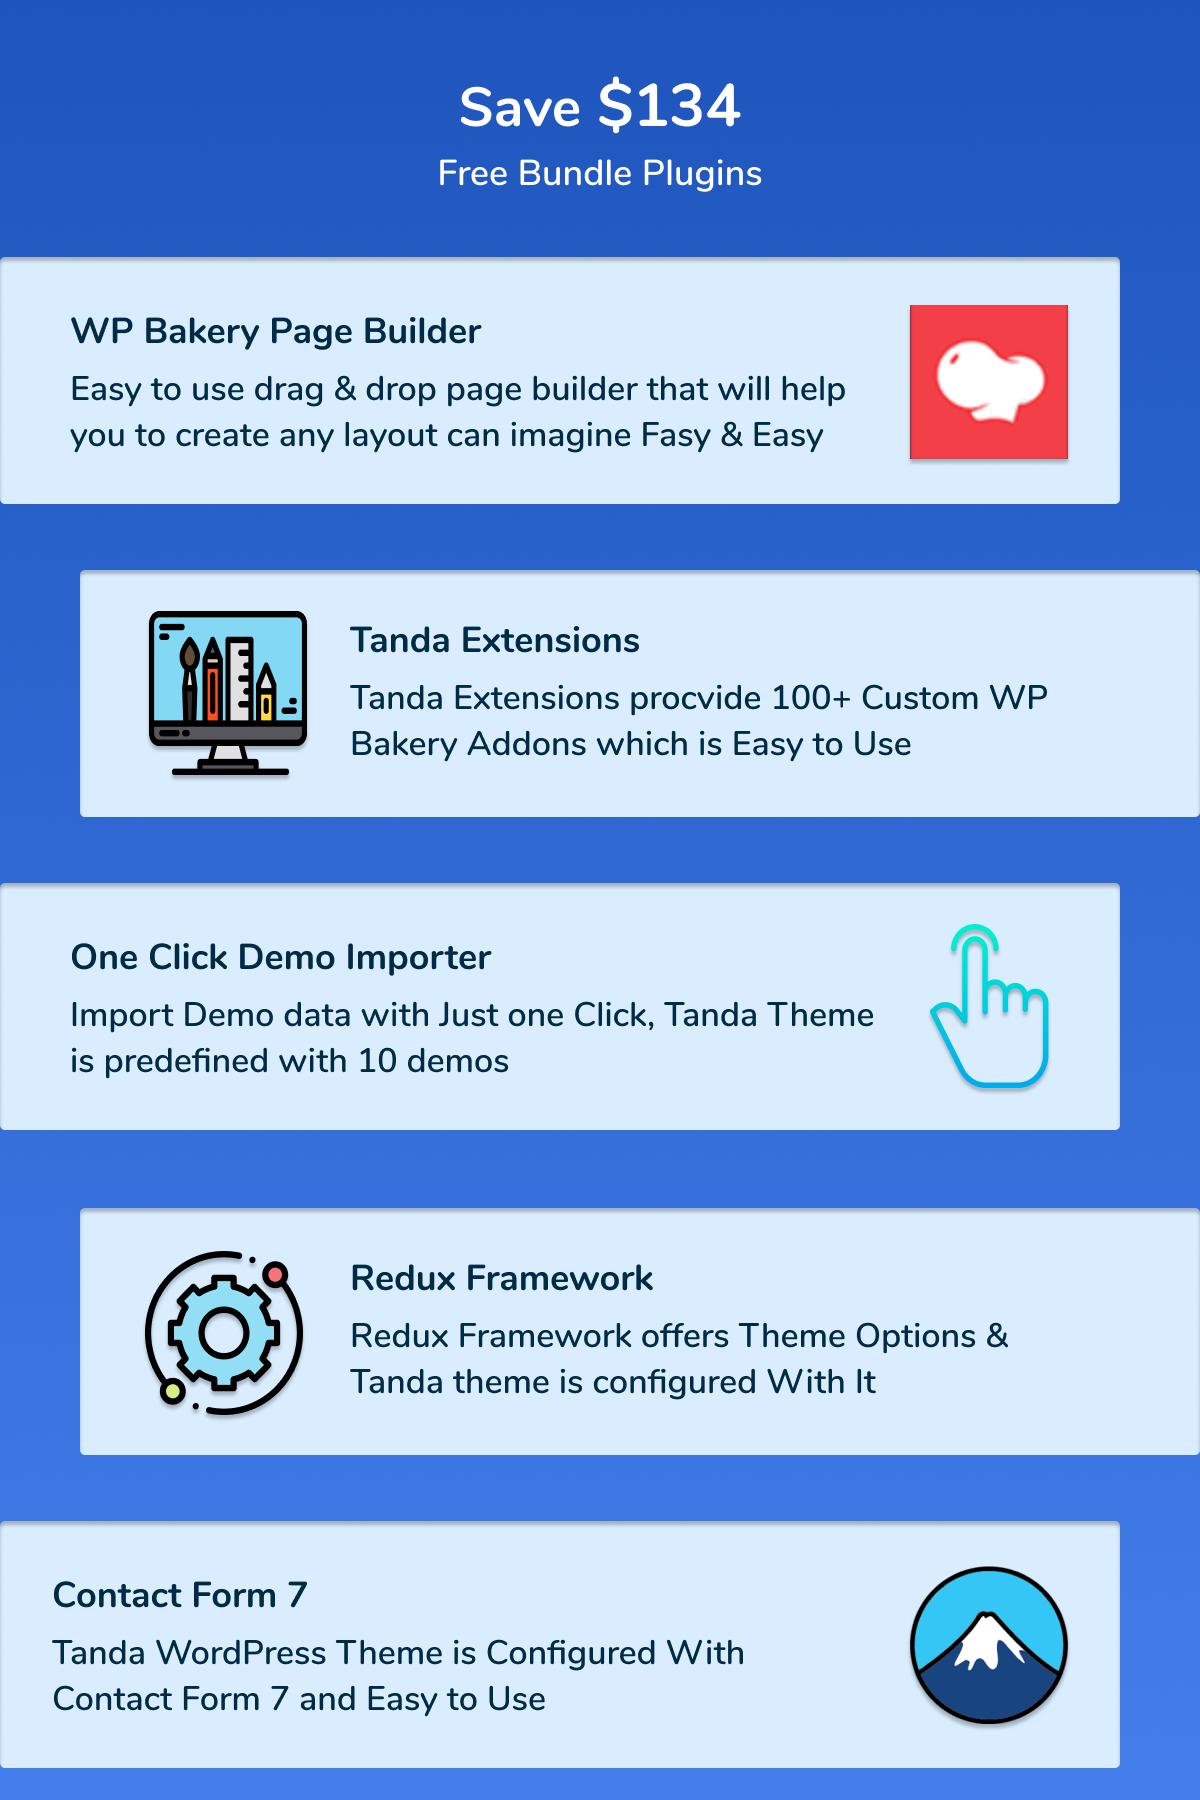 Tanda - Thème WordPress 5 de solutions logicielles, technologiques et informatiques